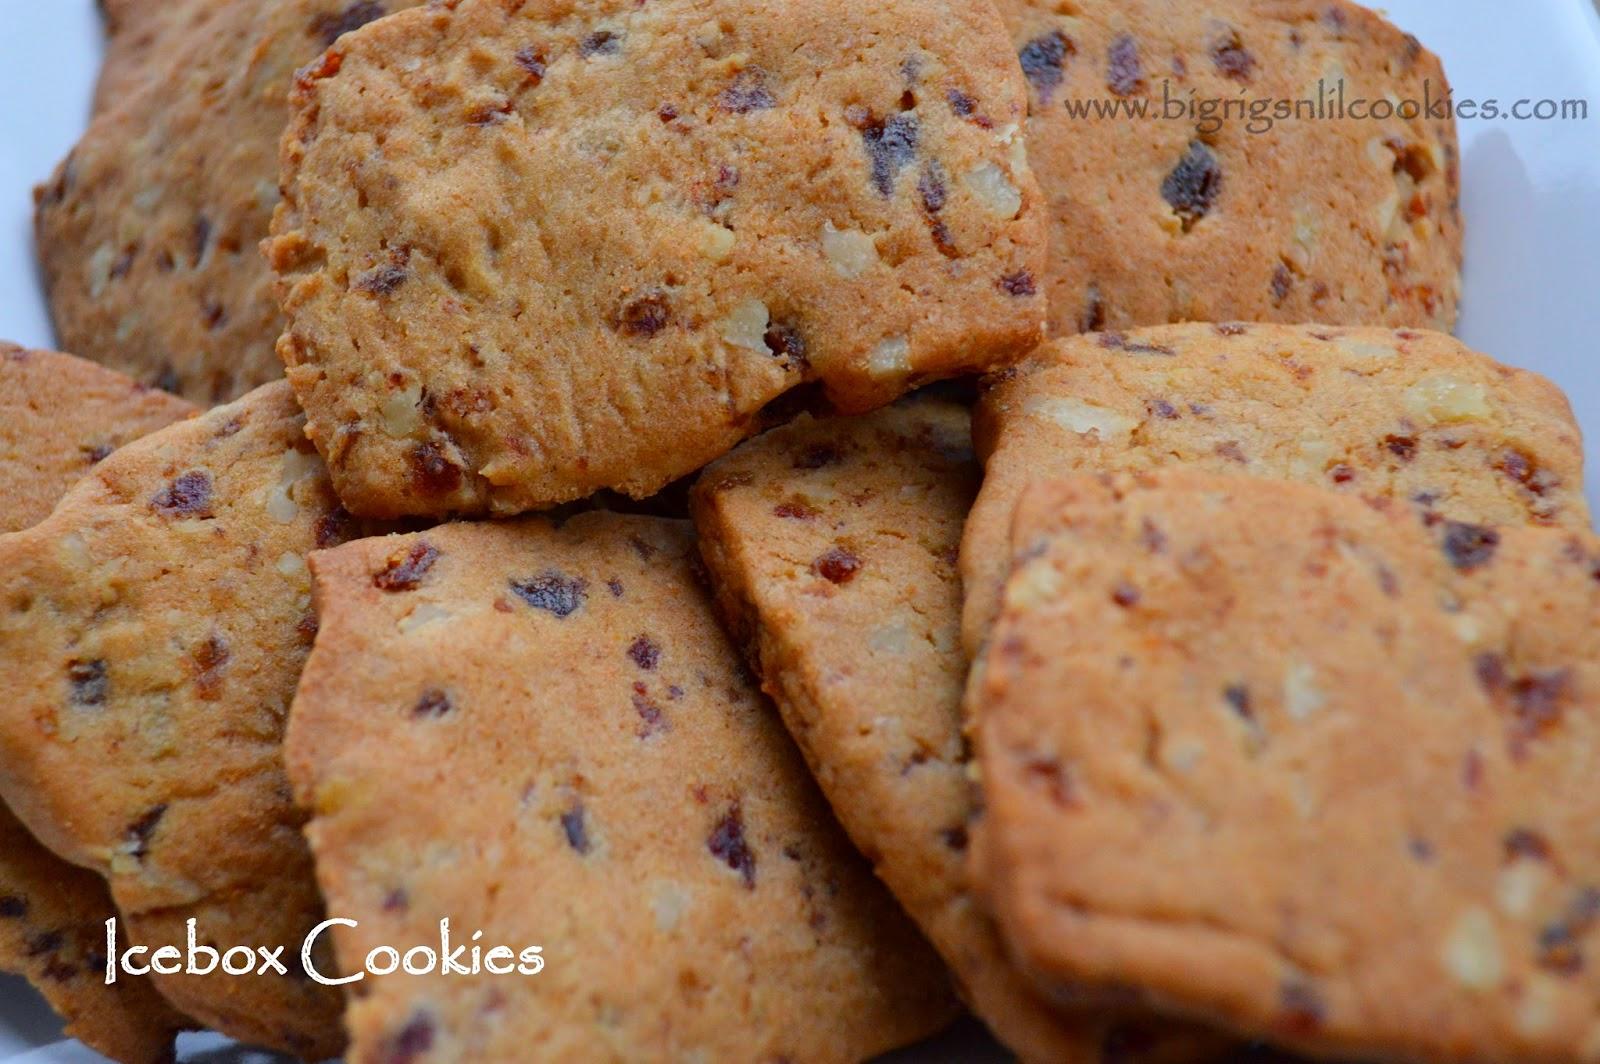 Big Rigs N Lil Cookies December 2014